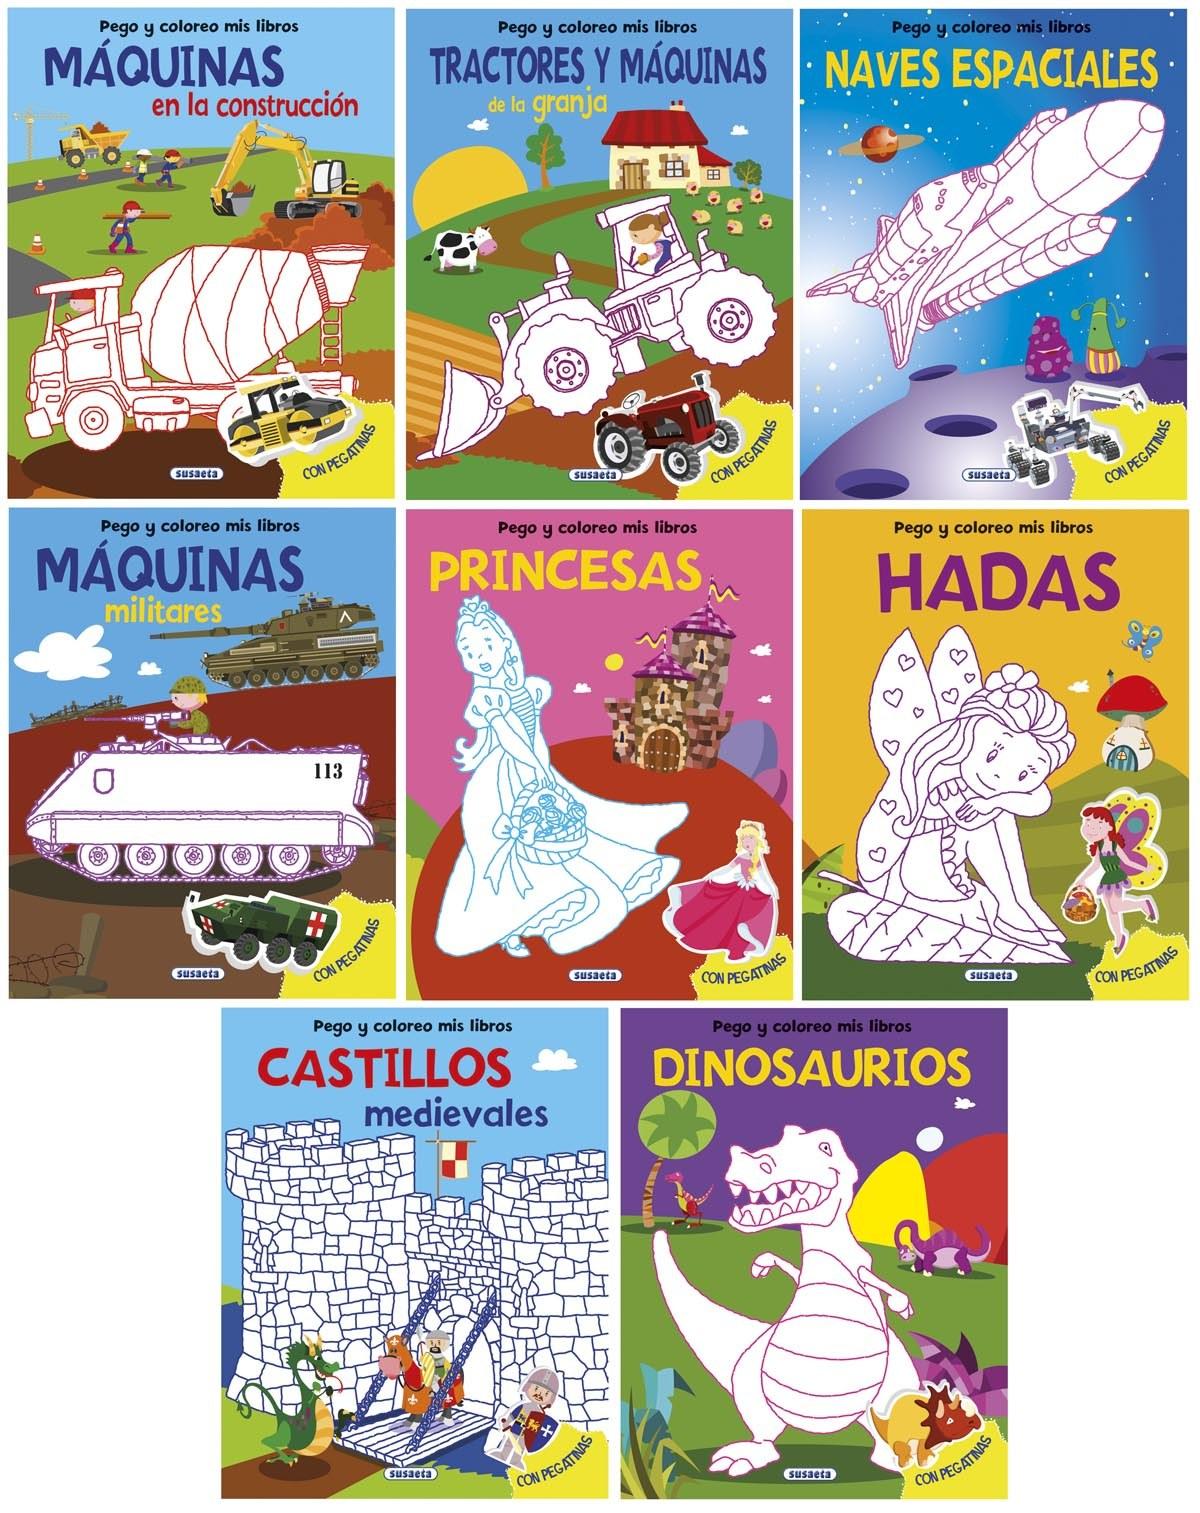 Pego y coloreo mis libros surtidos 9788467737301